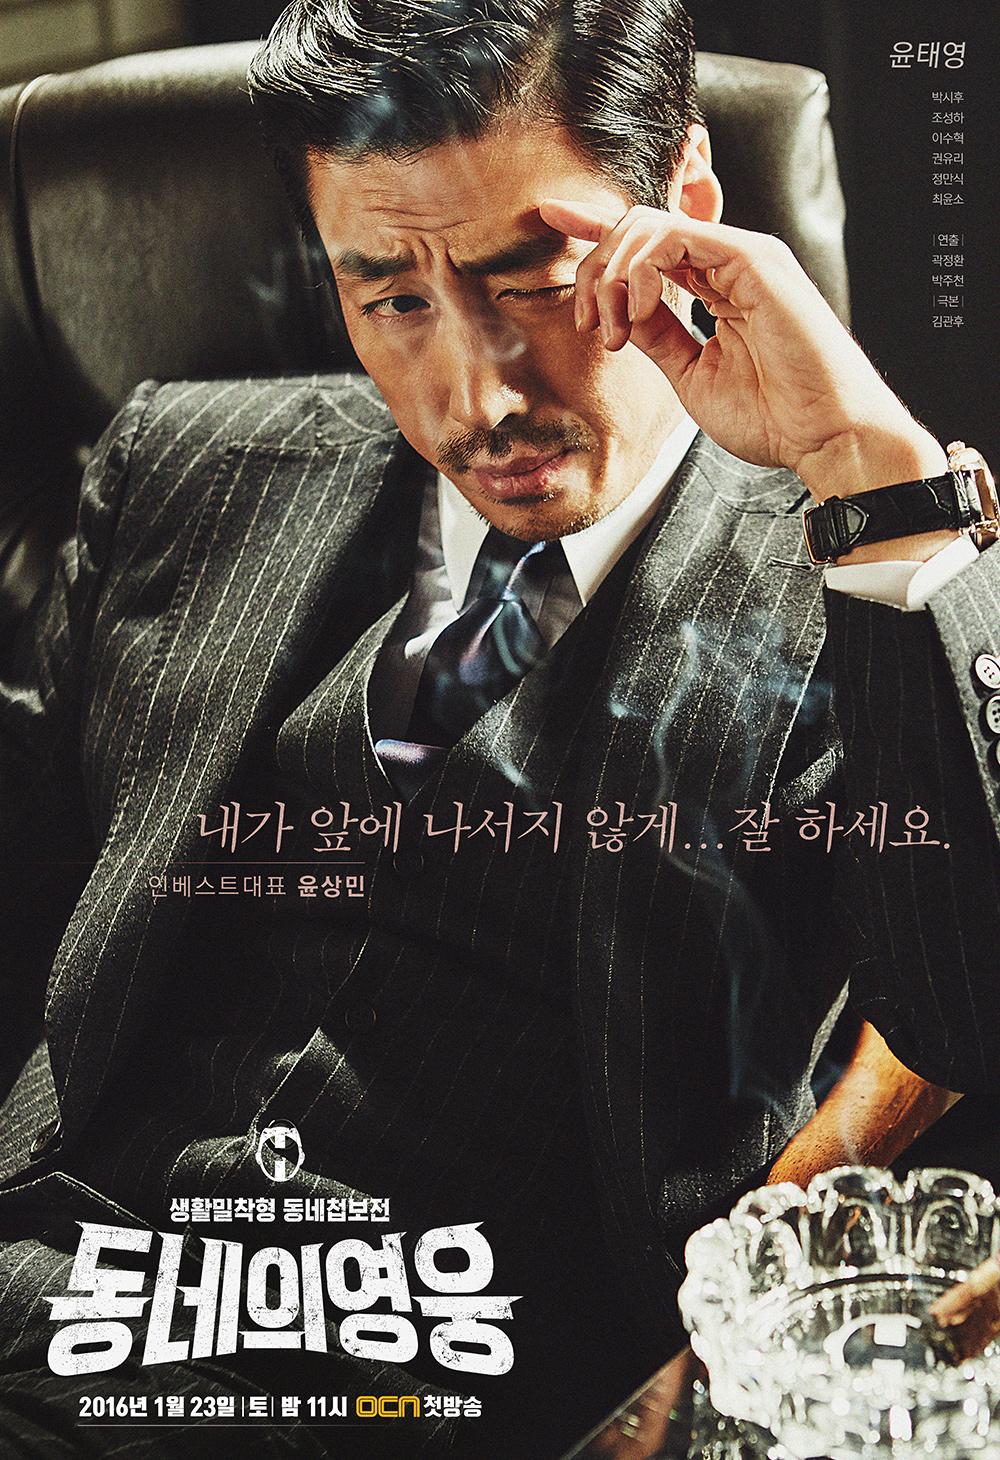 Дорама Герой по соседству (동네의 영웅, Dongneui Youngwoong, Neighborhood's Hero) - каст сериала, промо (02).jpg